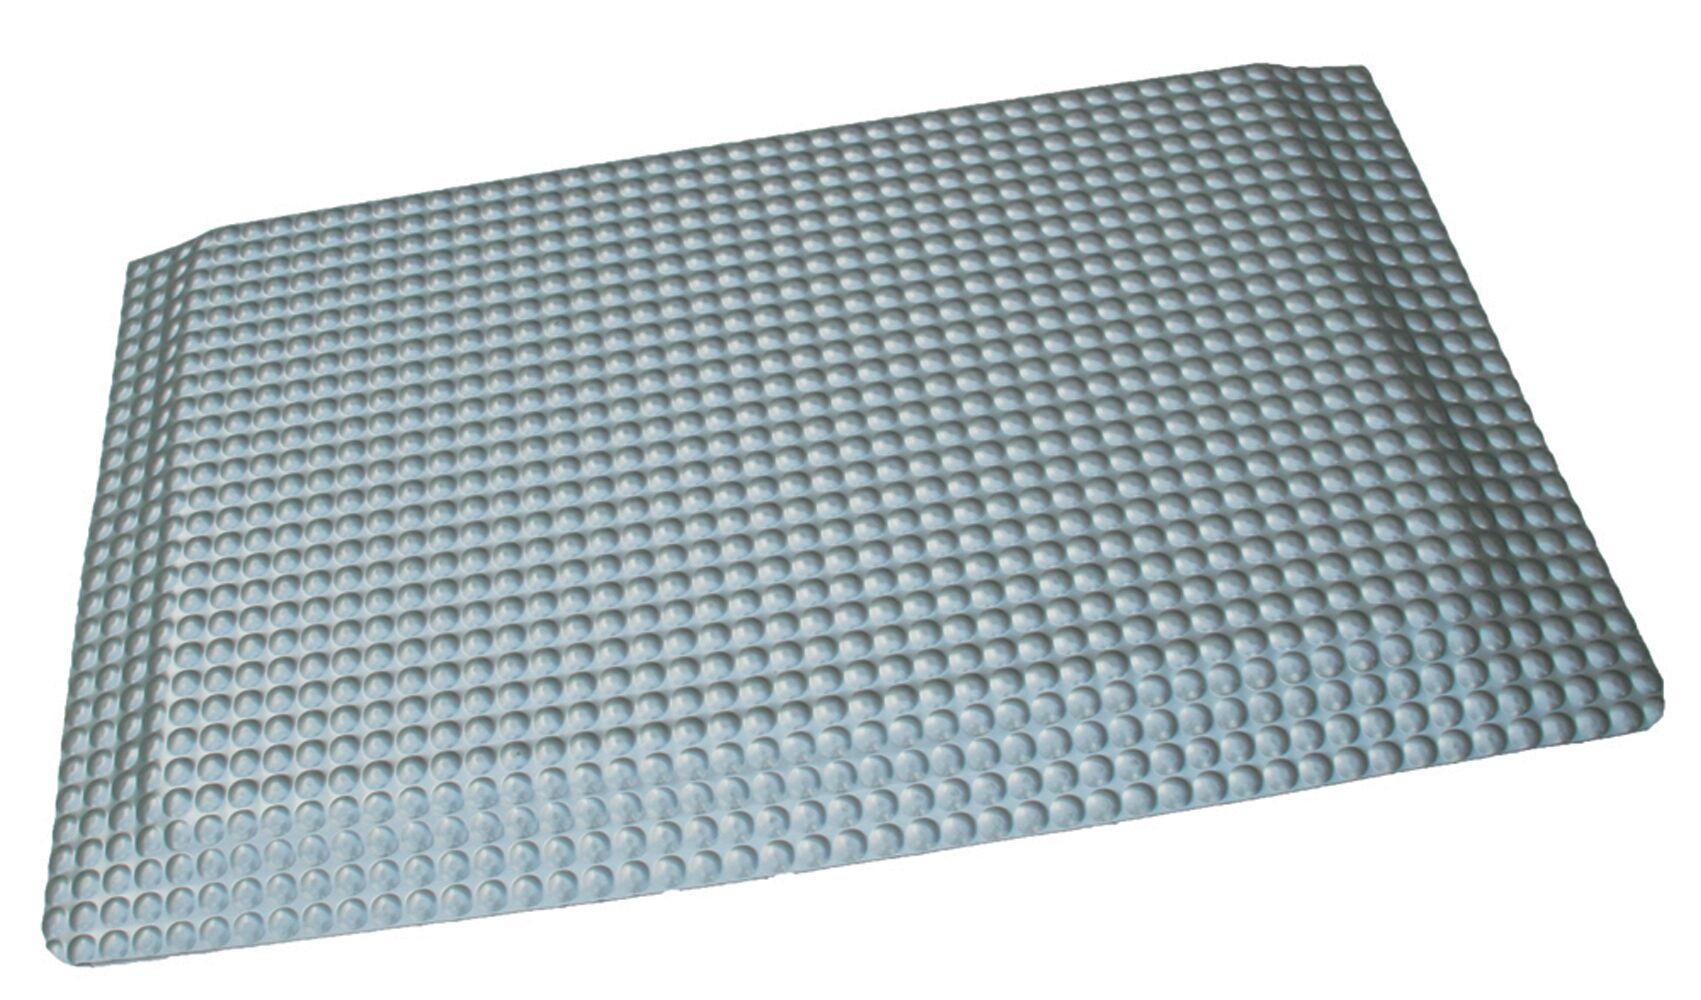 Relfex Anti-Fatigue Comfort Kitchen Mat Mat Size: 2' x 3'